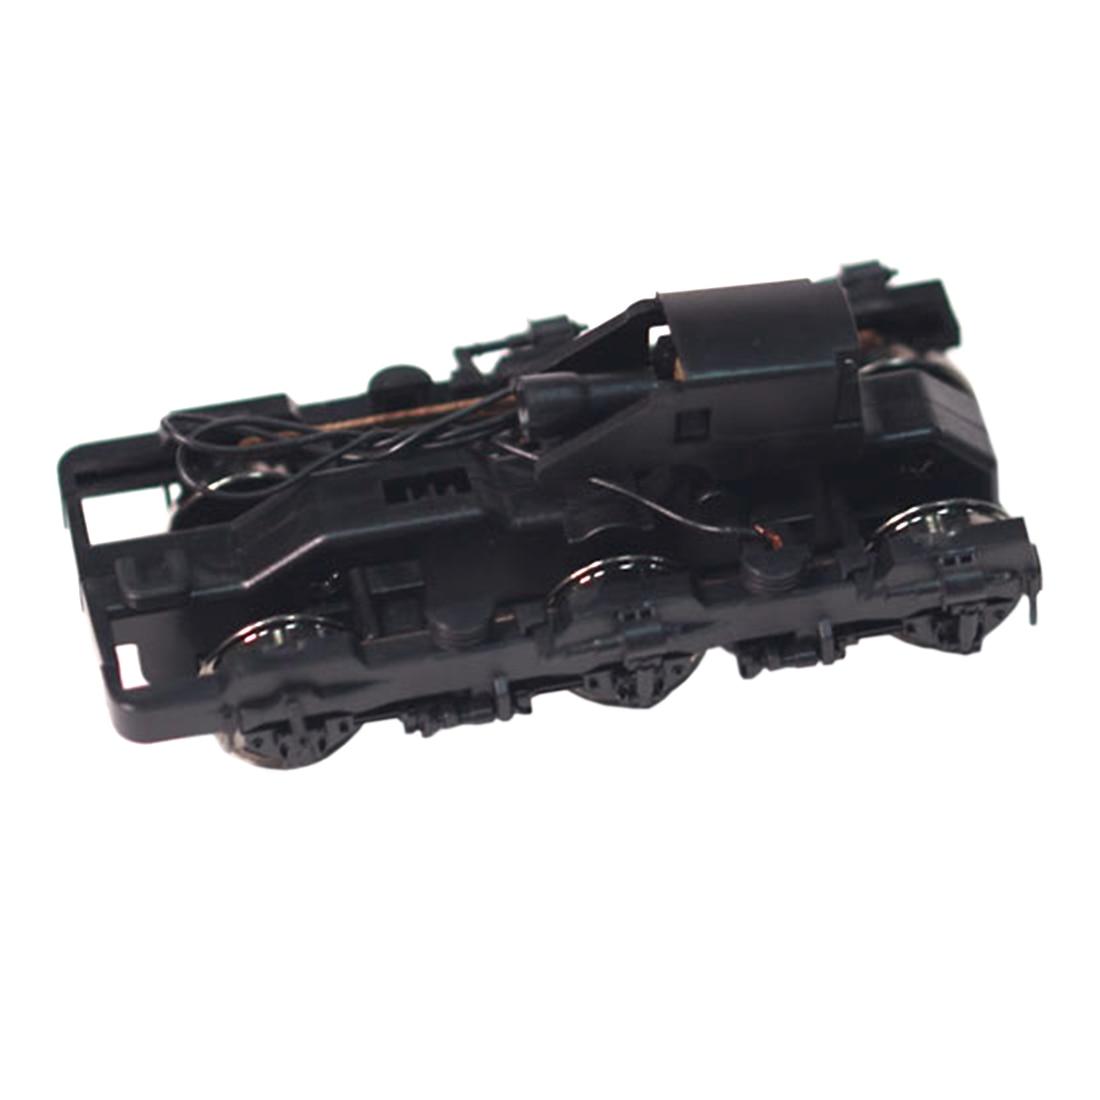 2,8x6,8 см (1,1x2,68 дюйма) 1:87 хо масштабная железнодорожная Ходовая Тележка для большинства Хо масштабная модель поезда